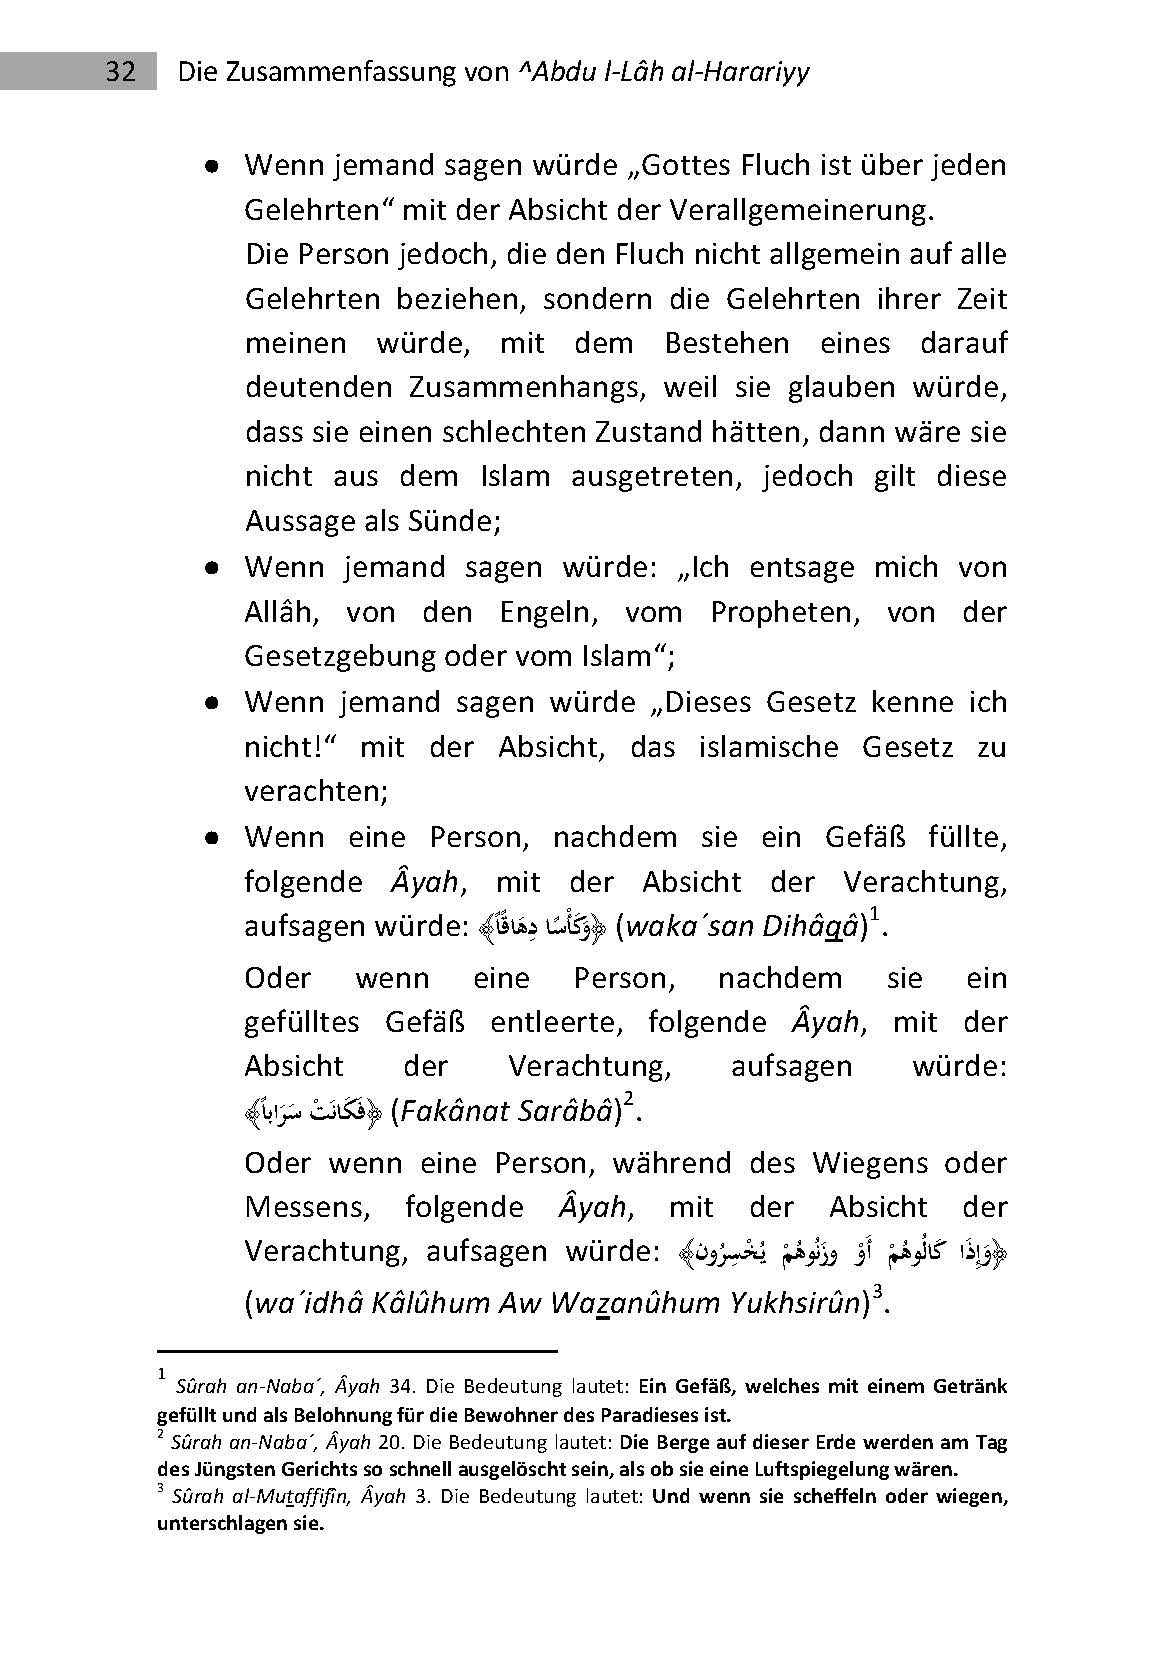 Die Zusammenfassung - 3. Auflage 2014_Seite_32